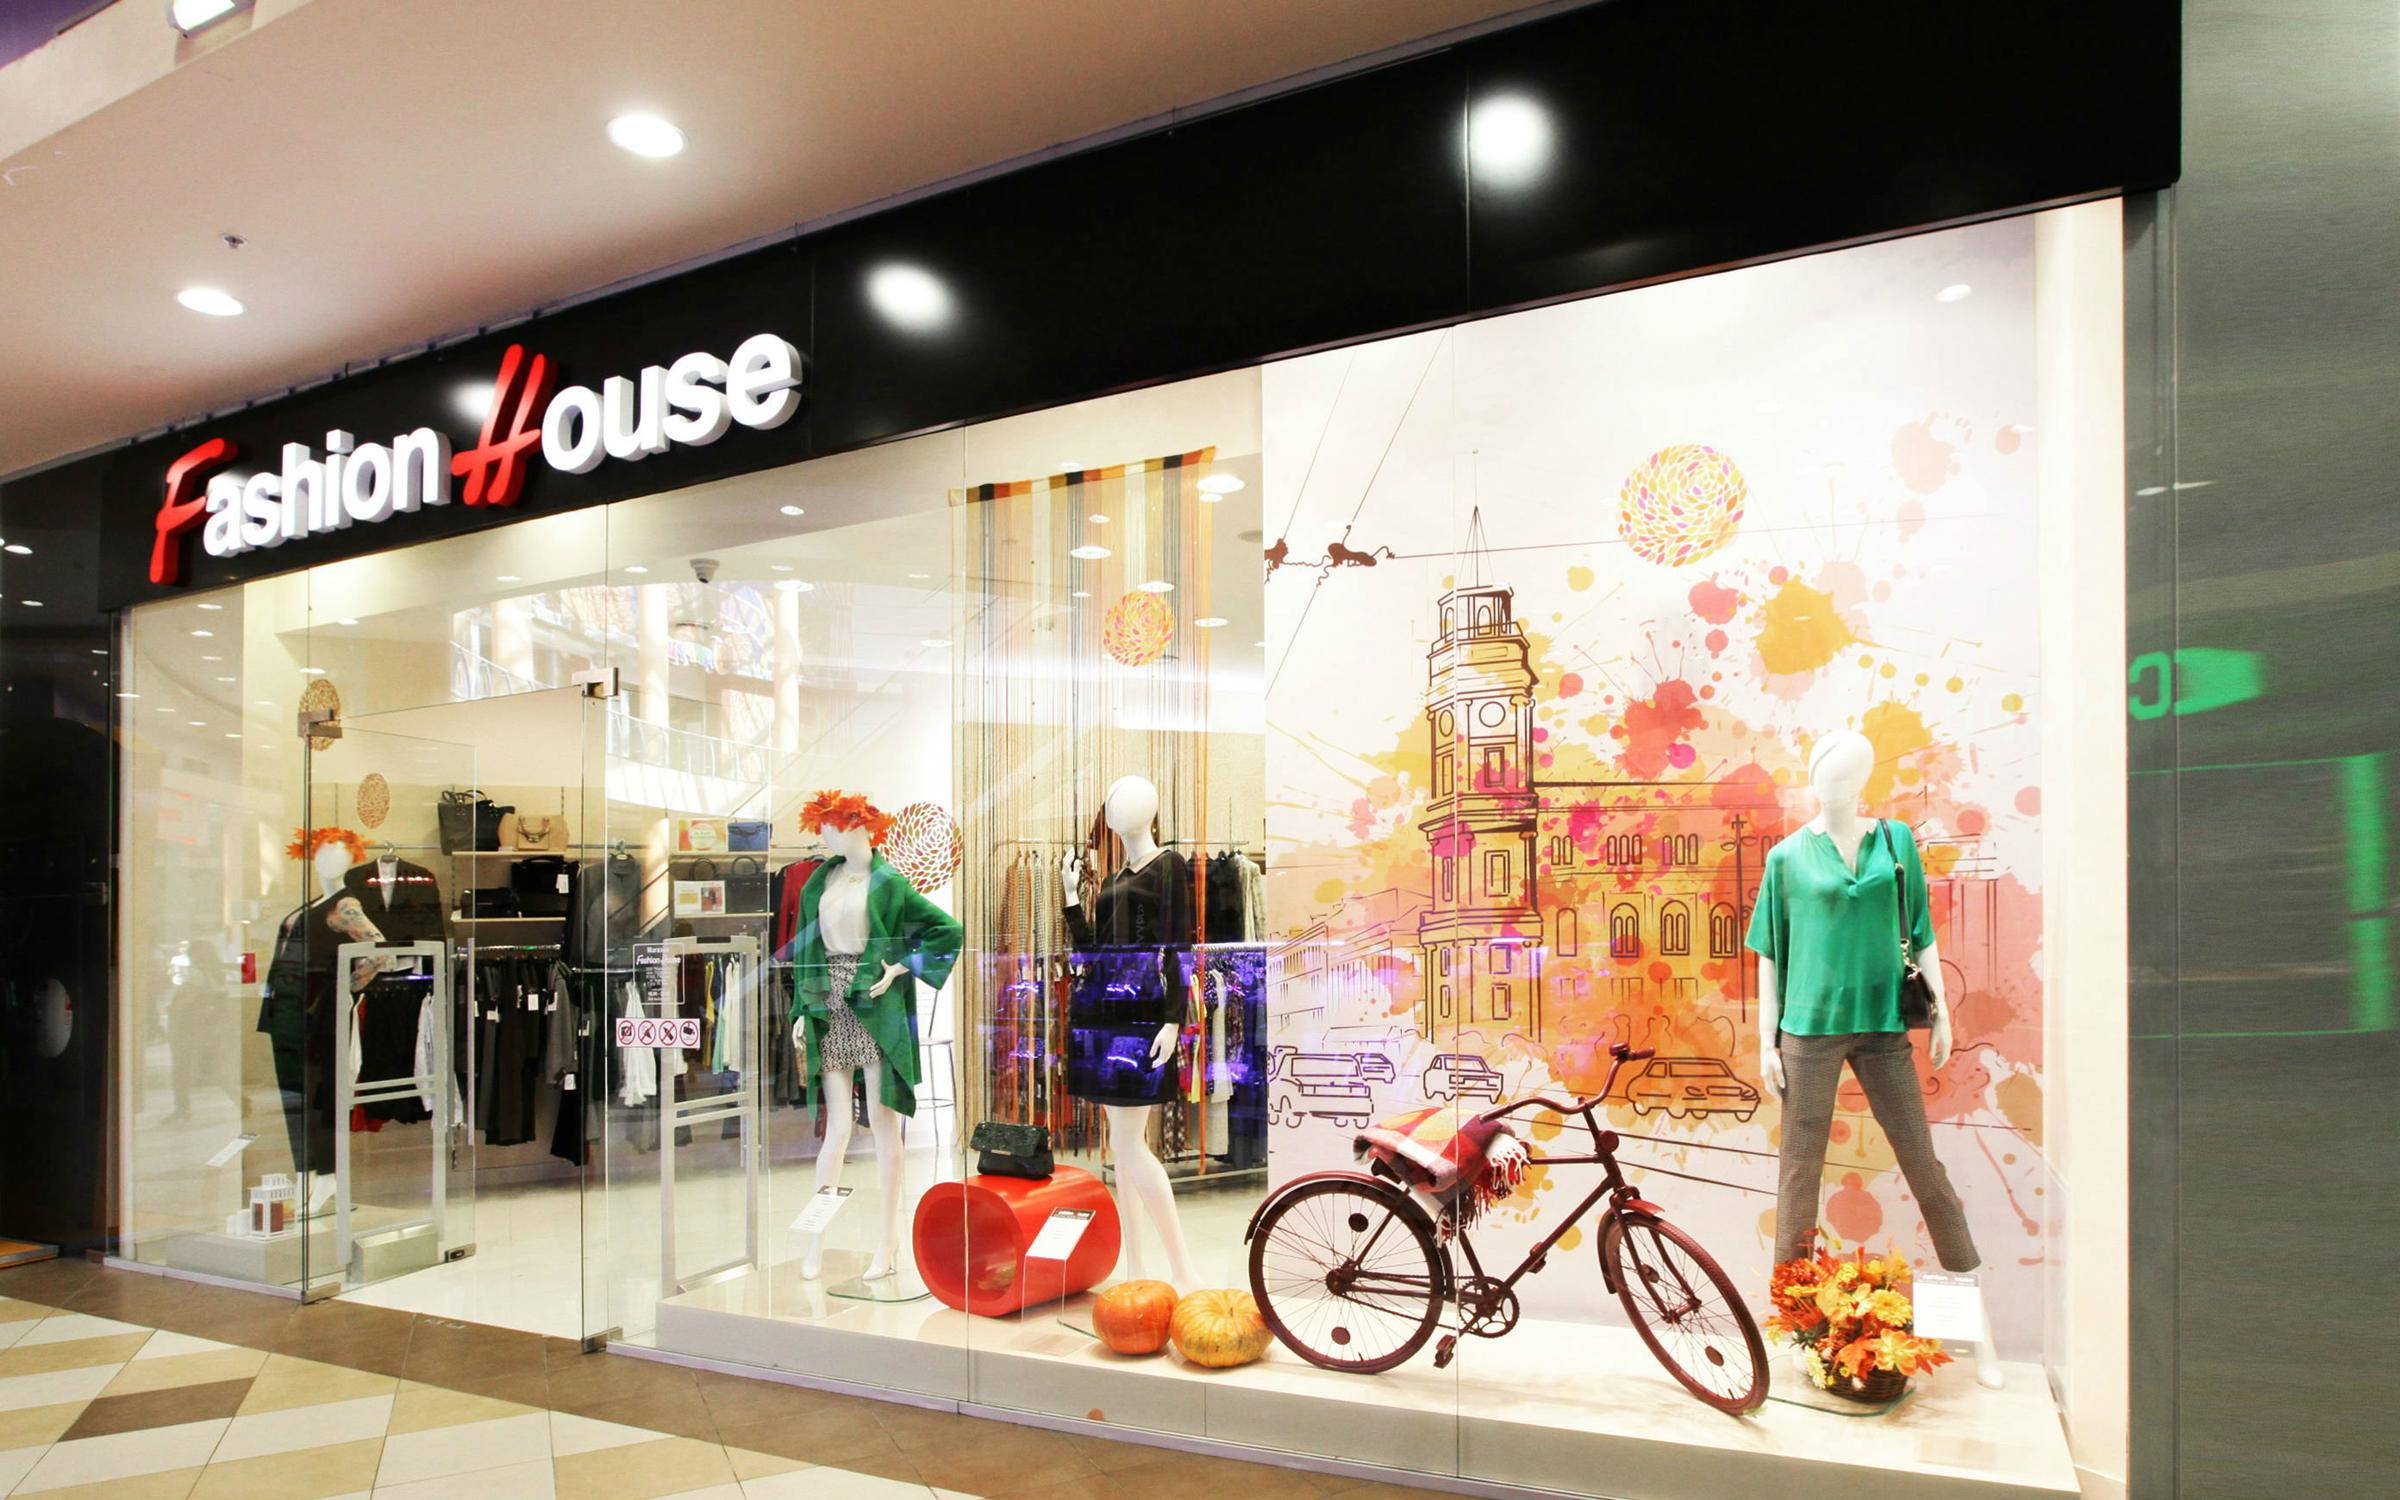 House Магазин Одежды Отзывы